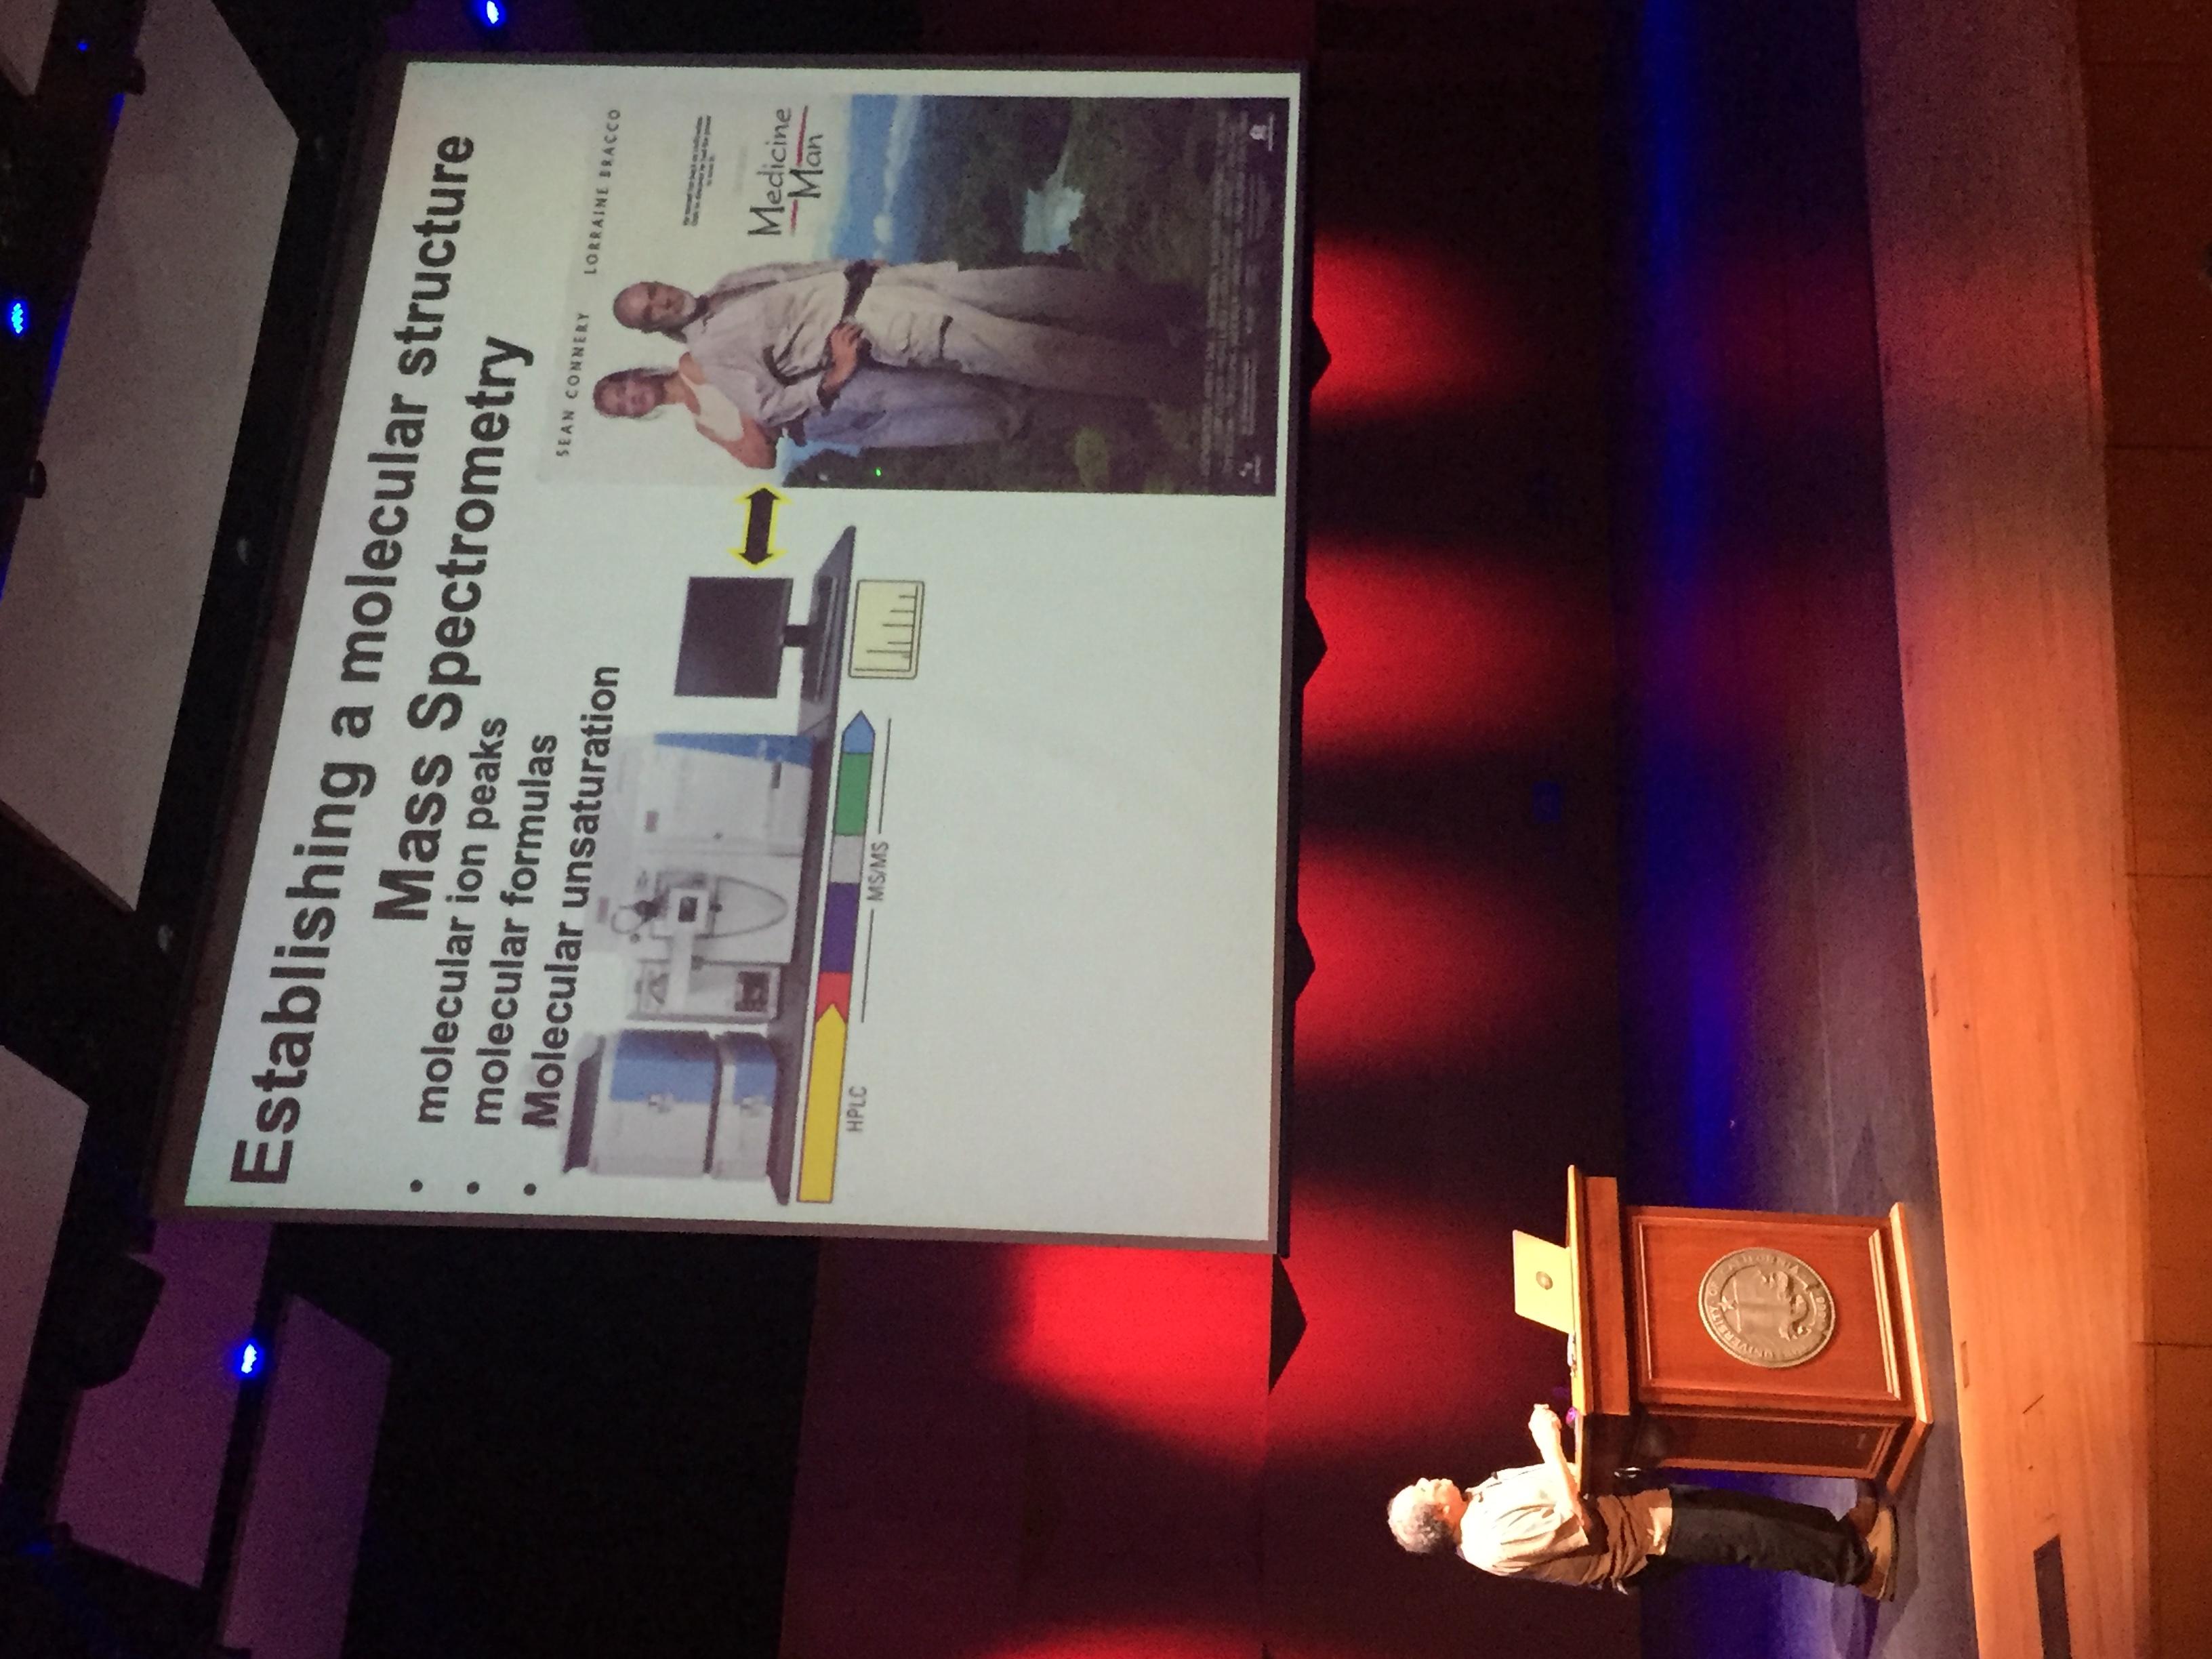 Phil's Emeritus Lecture